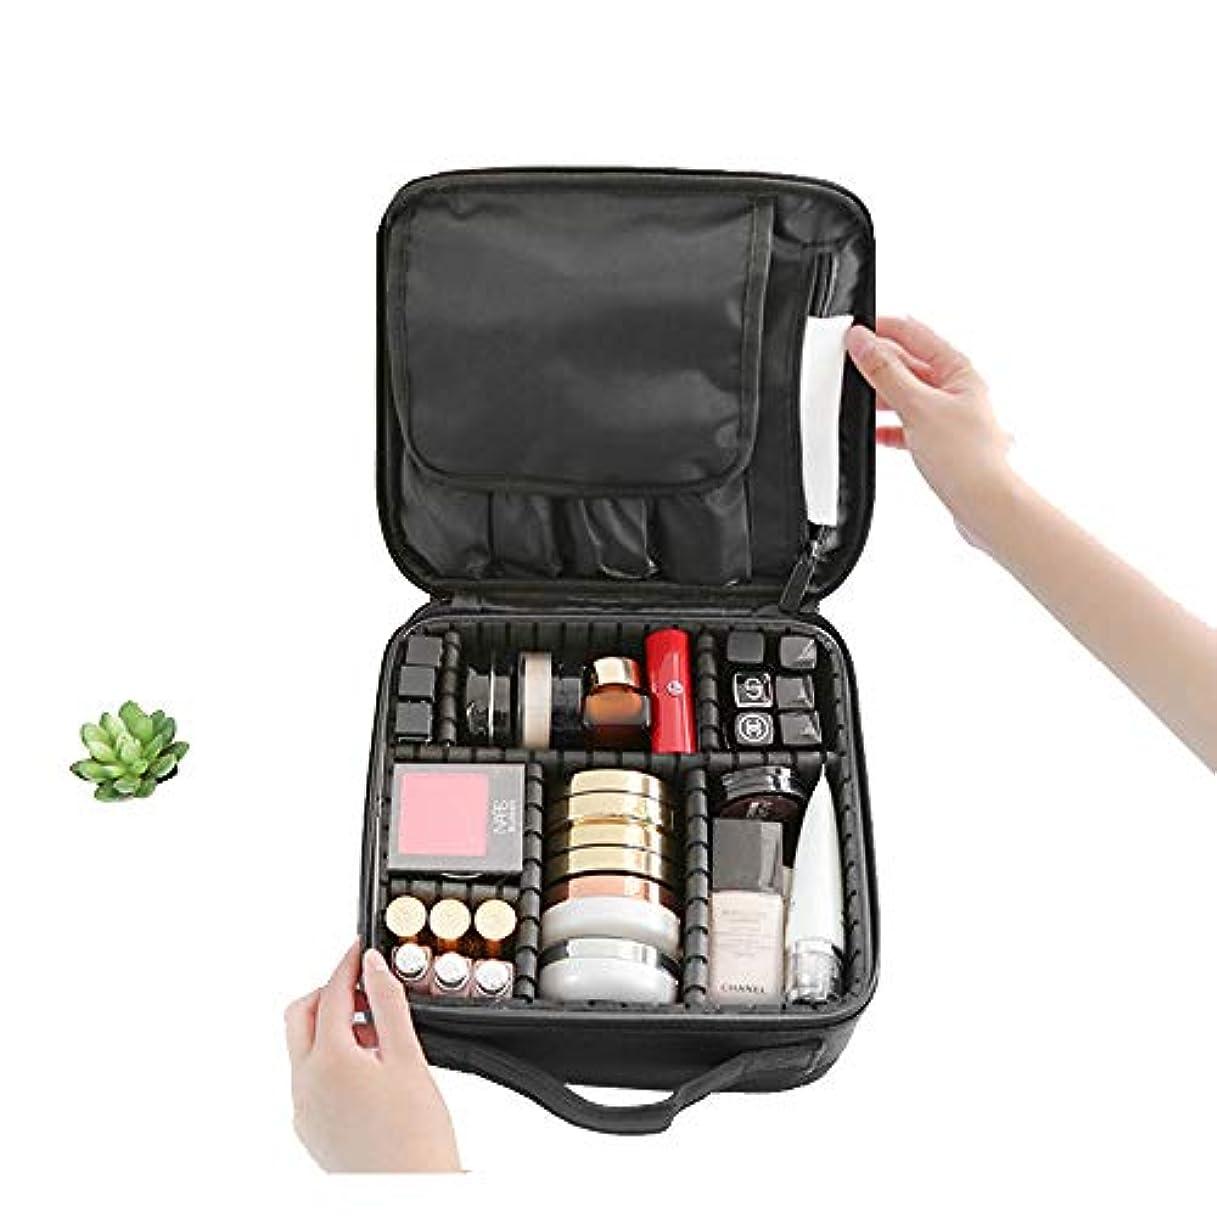 復活する所持聞きます化粧バッグ/化粧バッグ、調整可能な仕切り付き化粧ケース、旅行用化粧バッグオーガナイザーとして使用、女性用ポータブル防水化粧バッグ